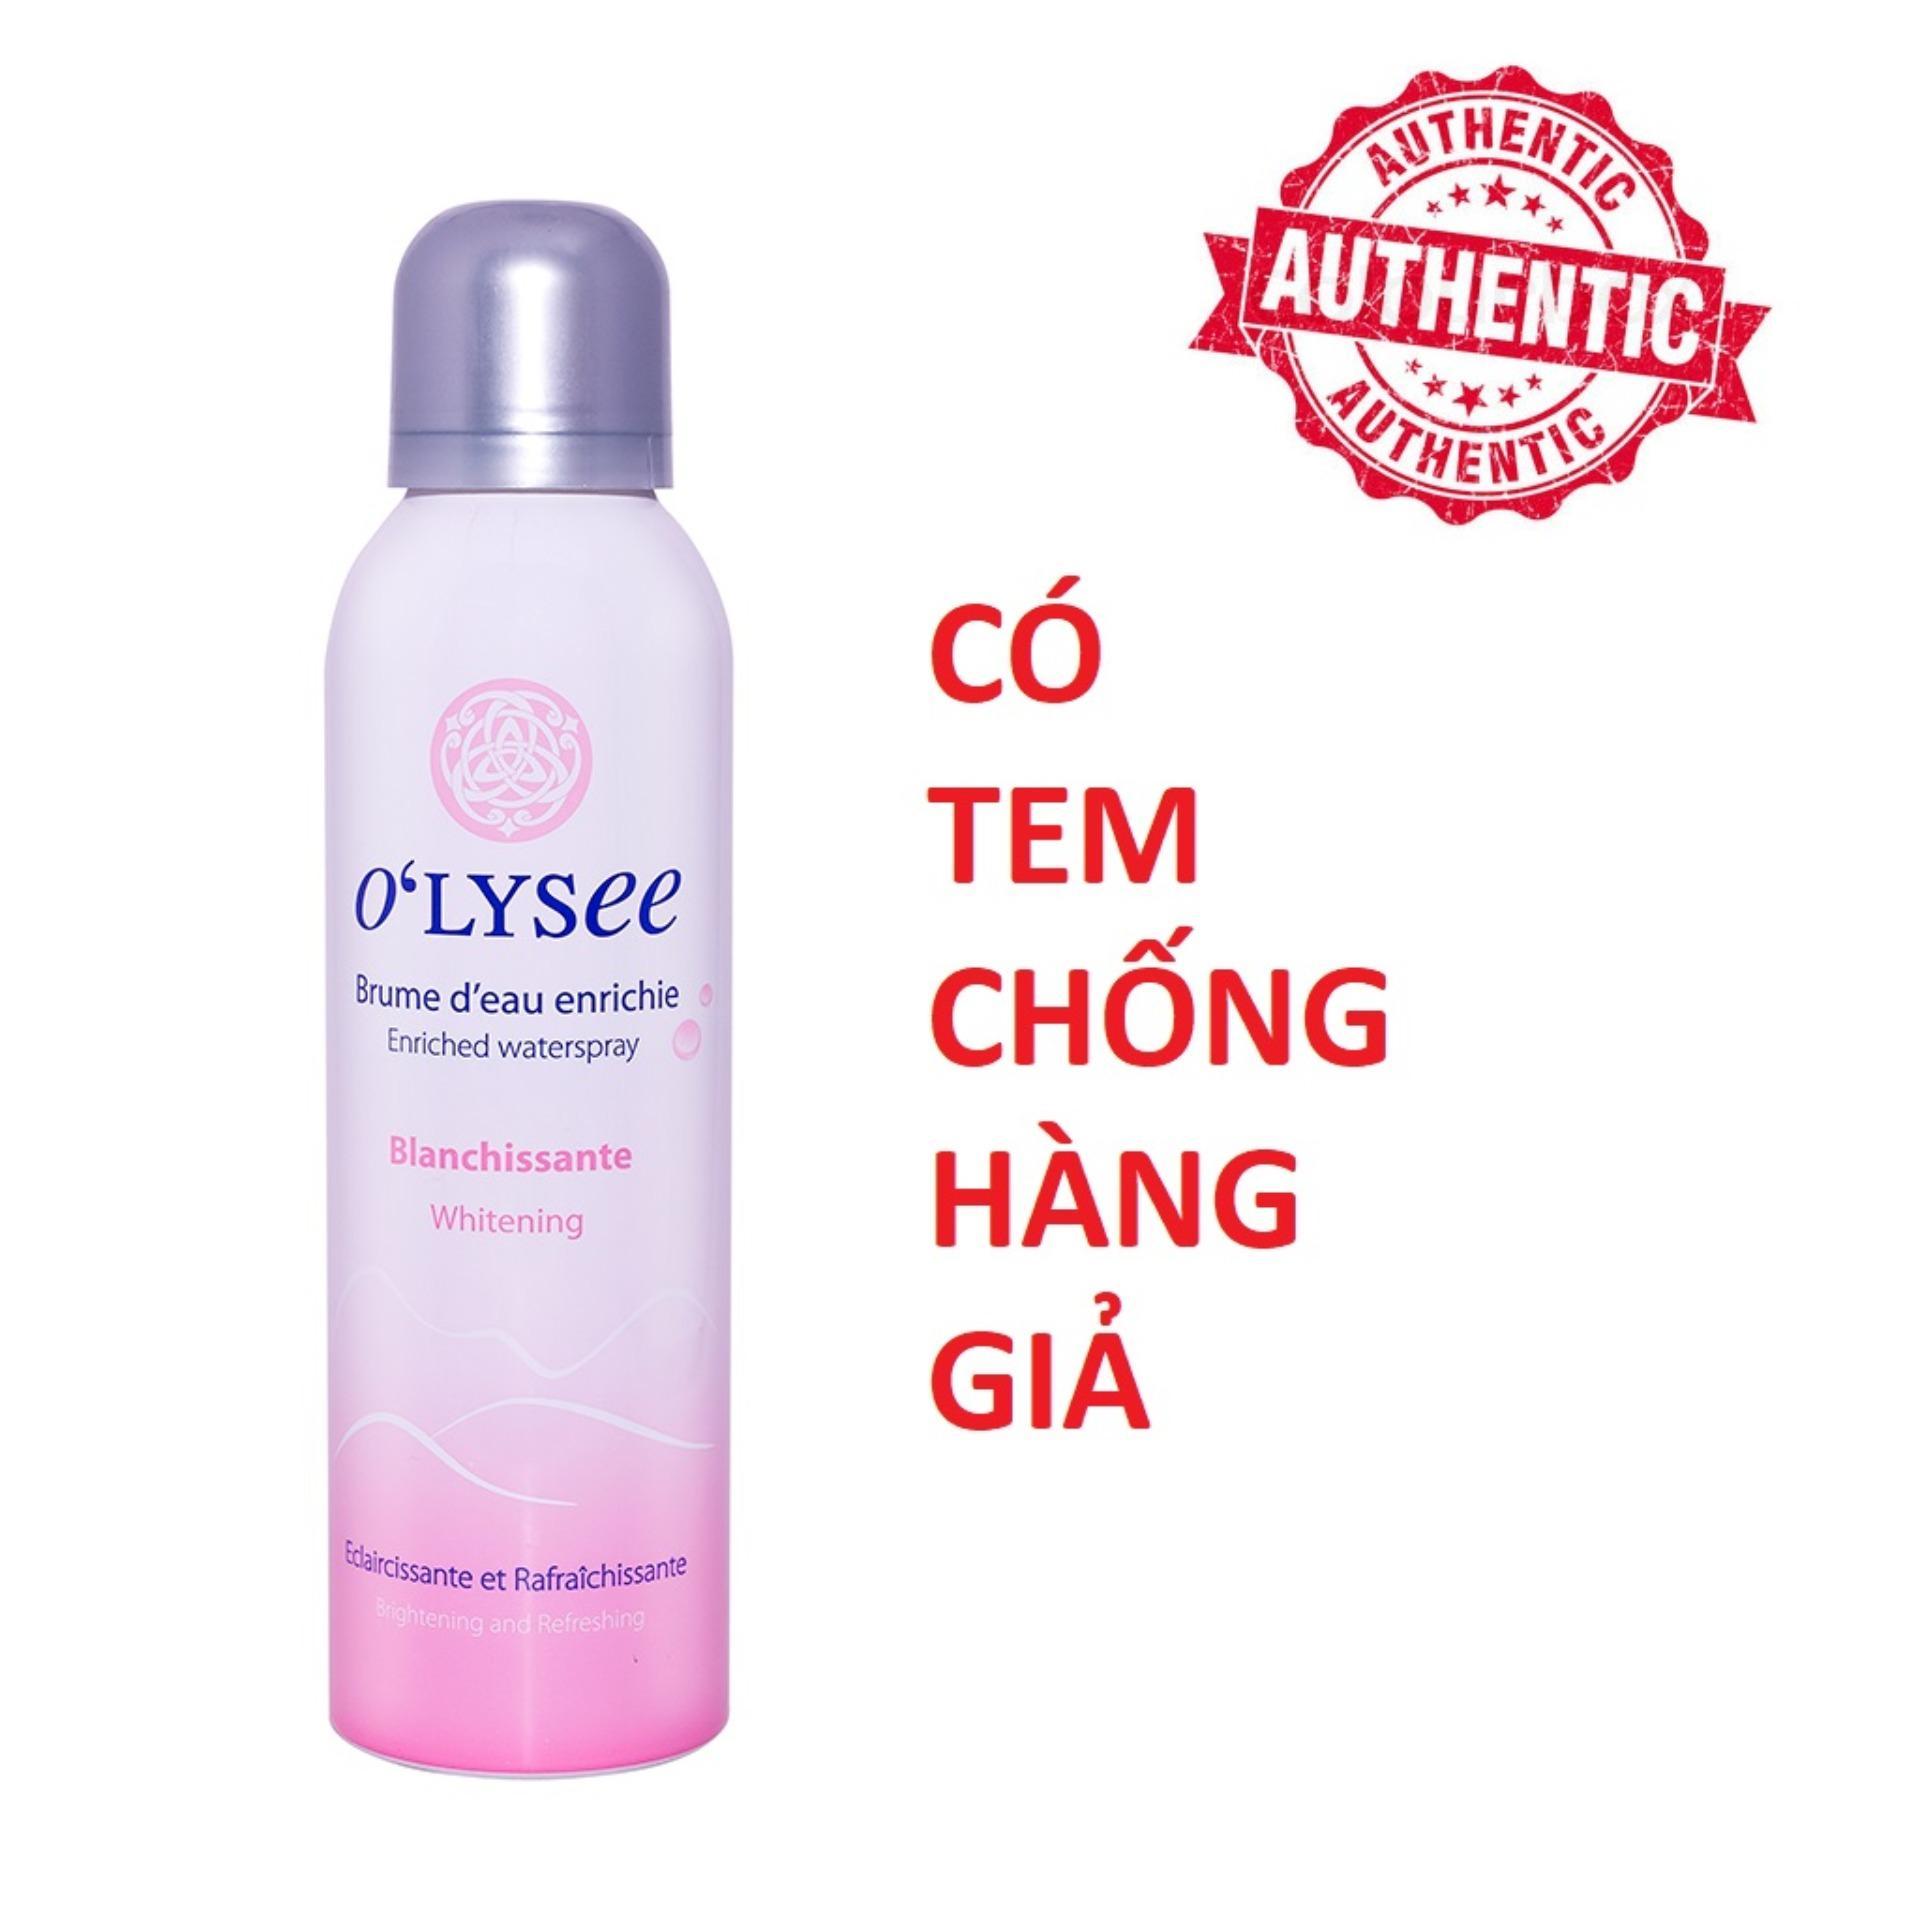 Xịt Khoáng Dưỡng Trắng Da Olysee Whitening WaterSpray - 150ml HÀNG CHÍNH HÃNG